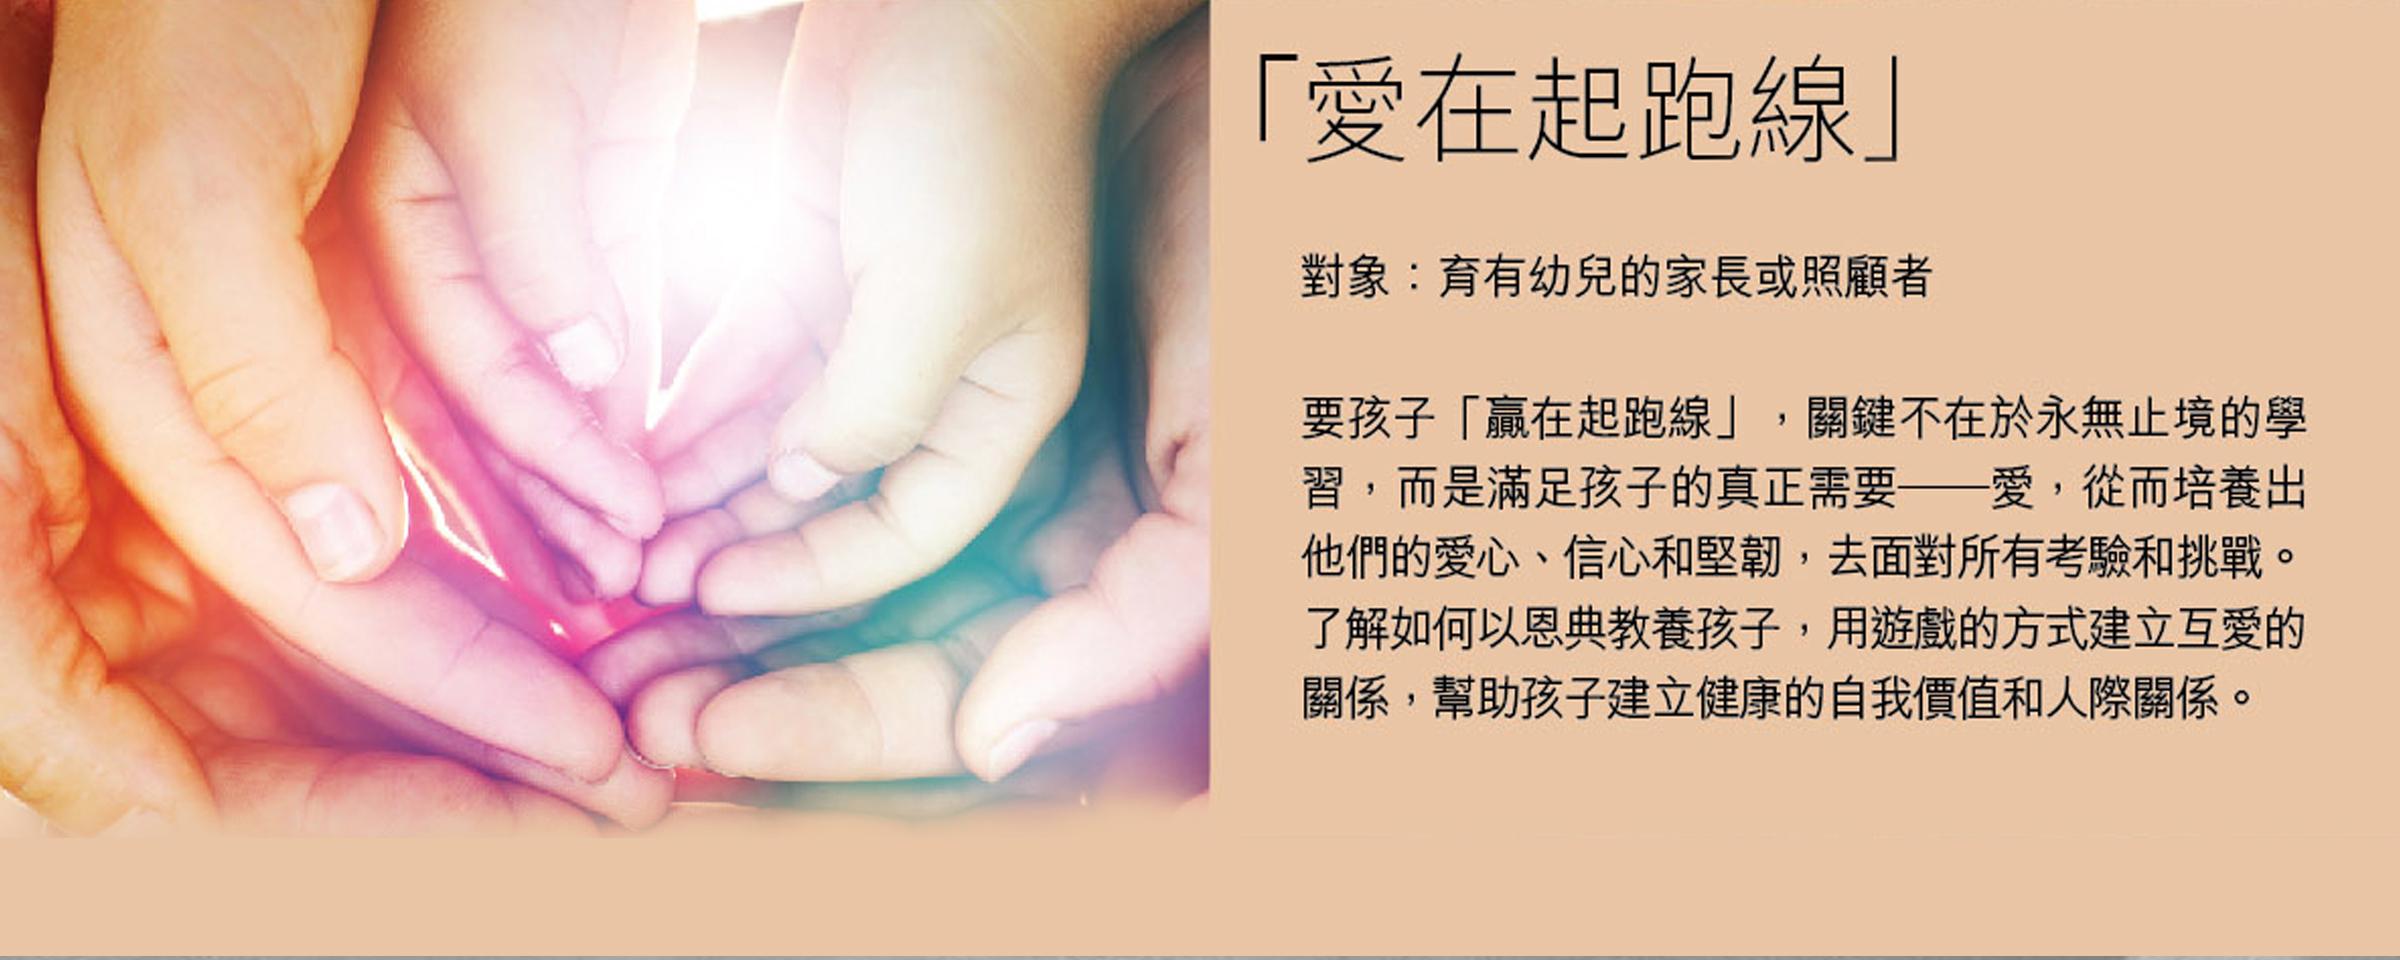 活現香港 講座及訓練課程: 8月2015年 - PresenceHK